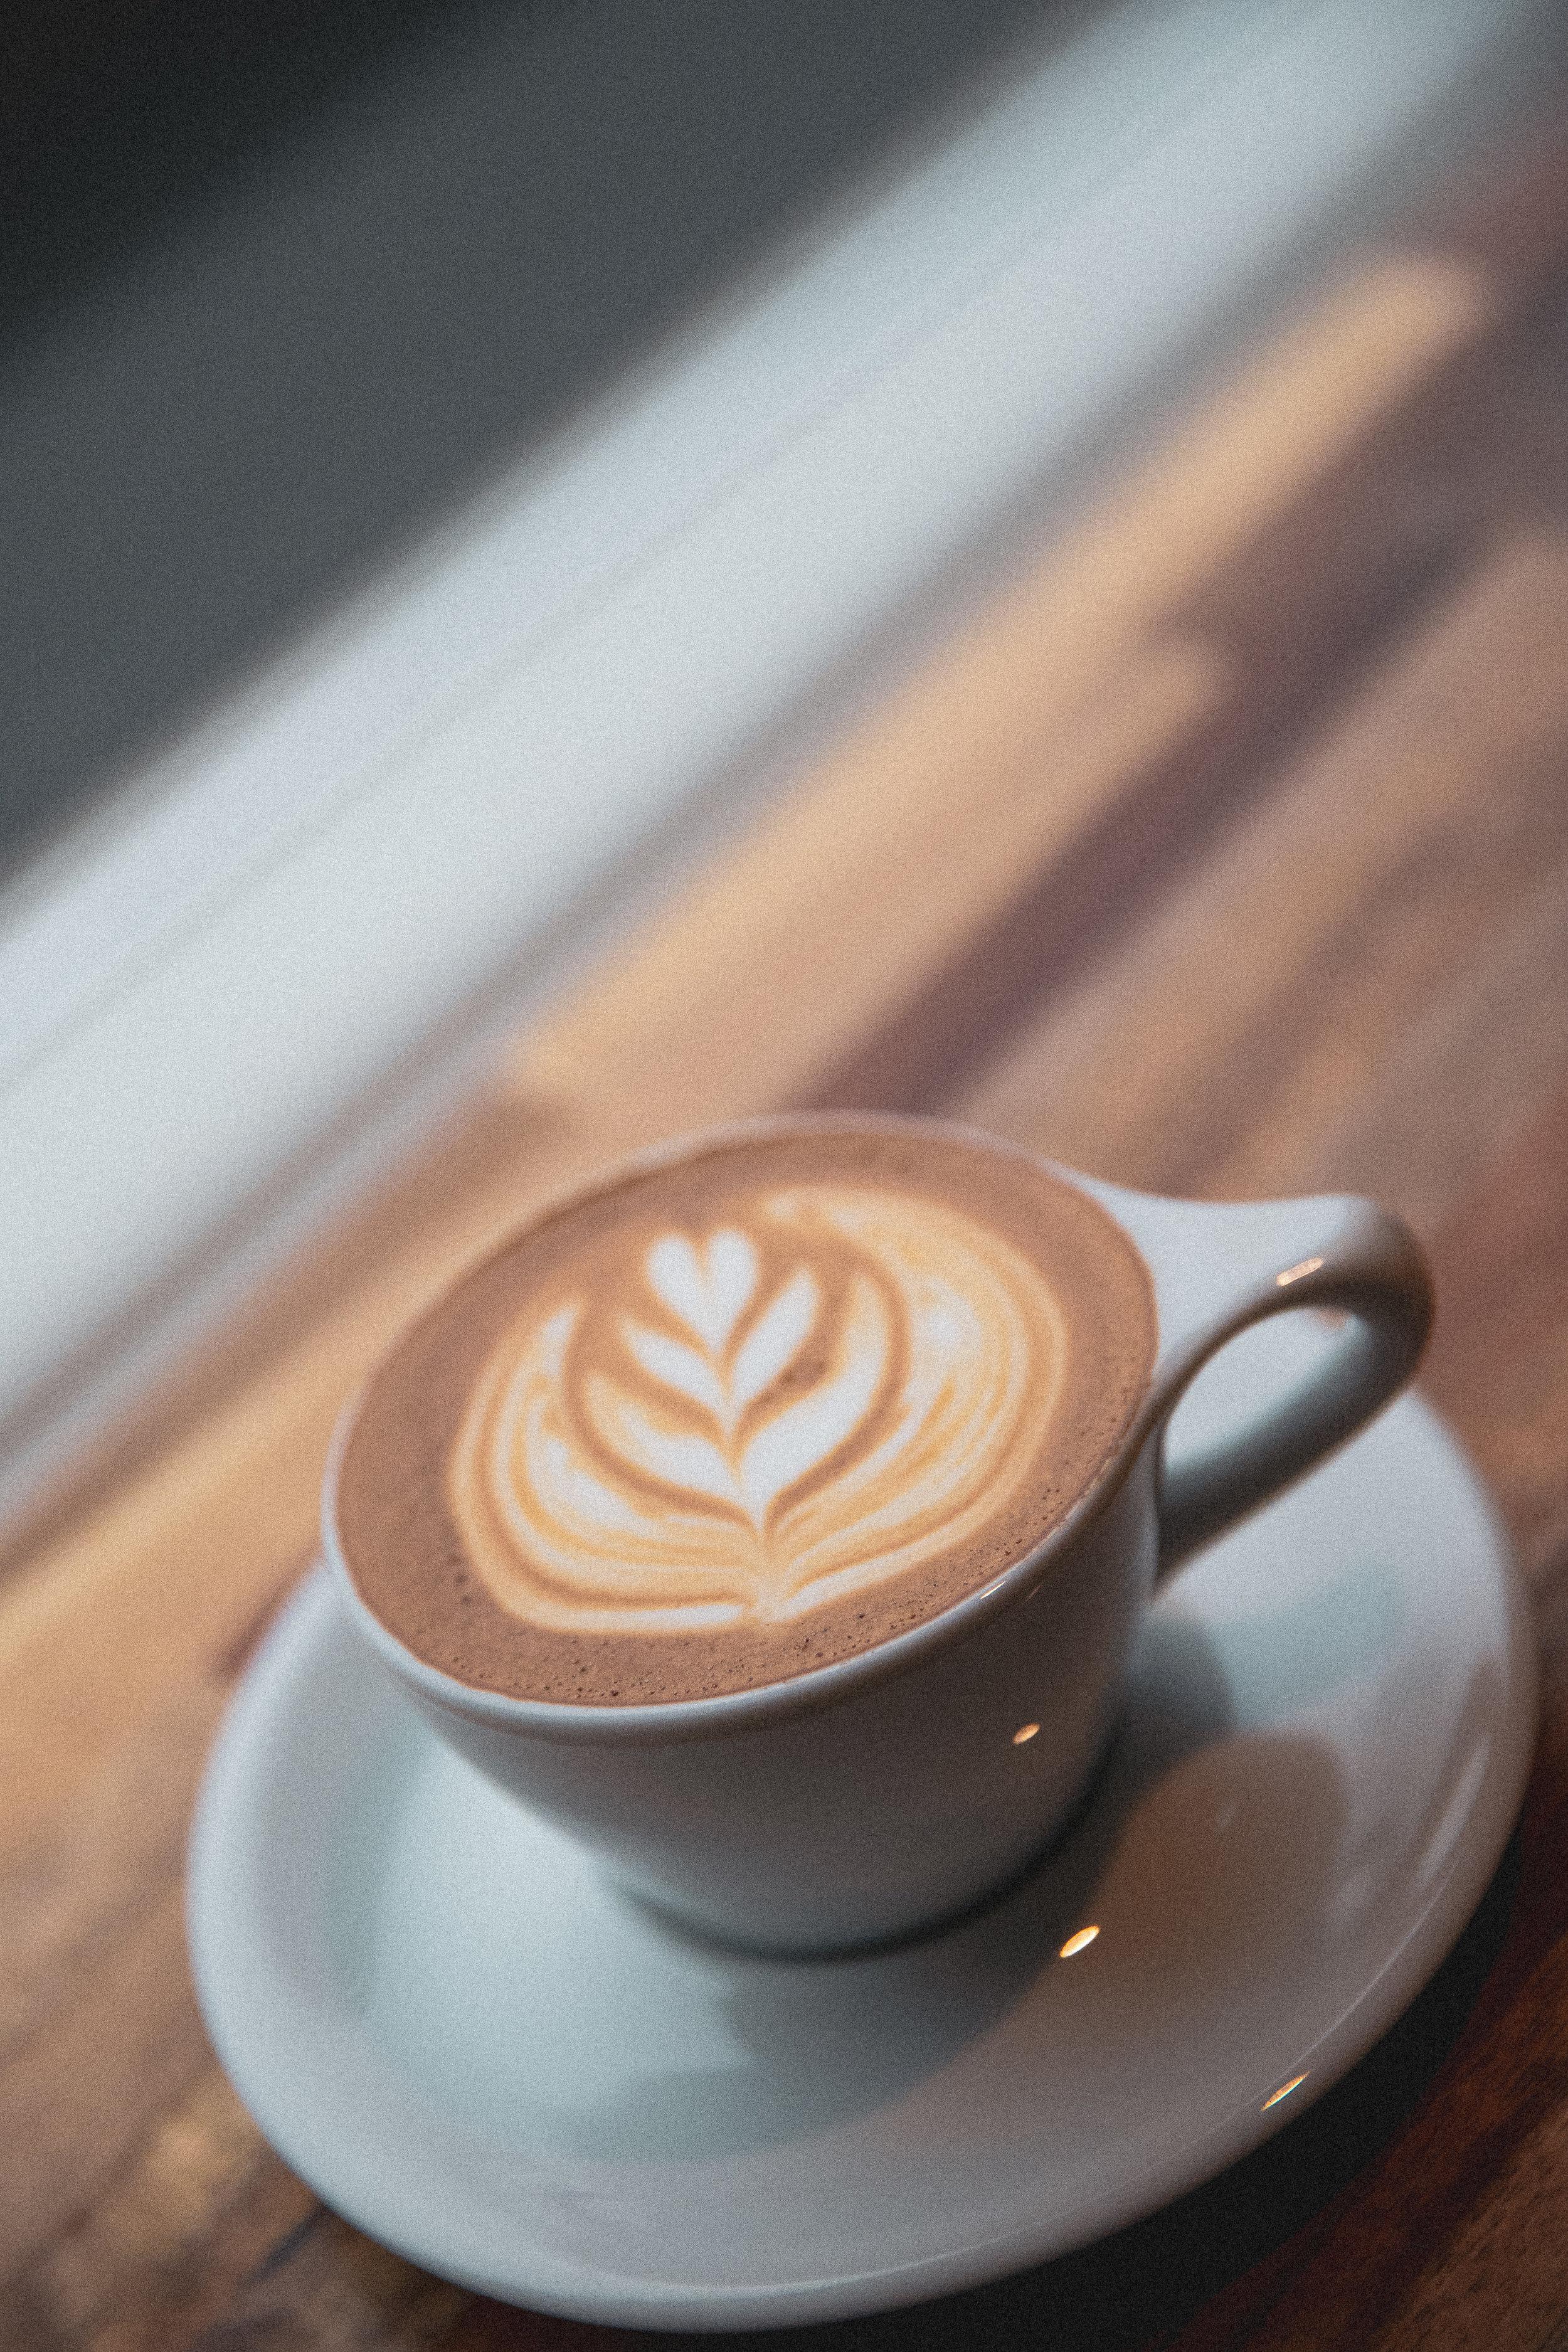 coffeeshop-photography-9I0632.jpg